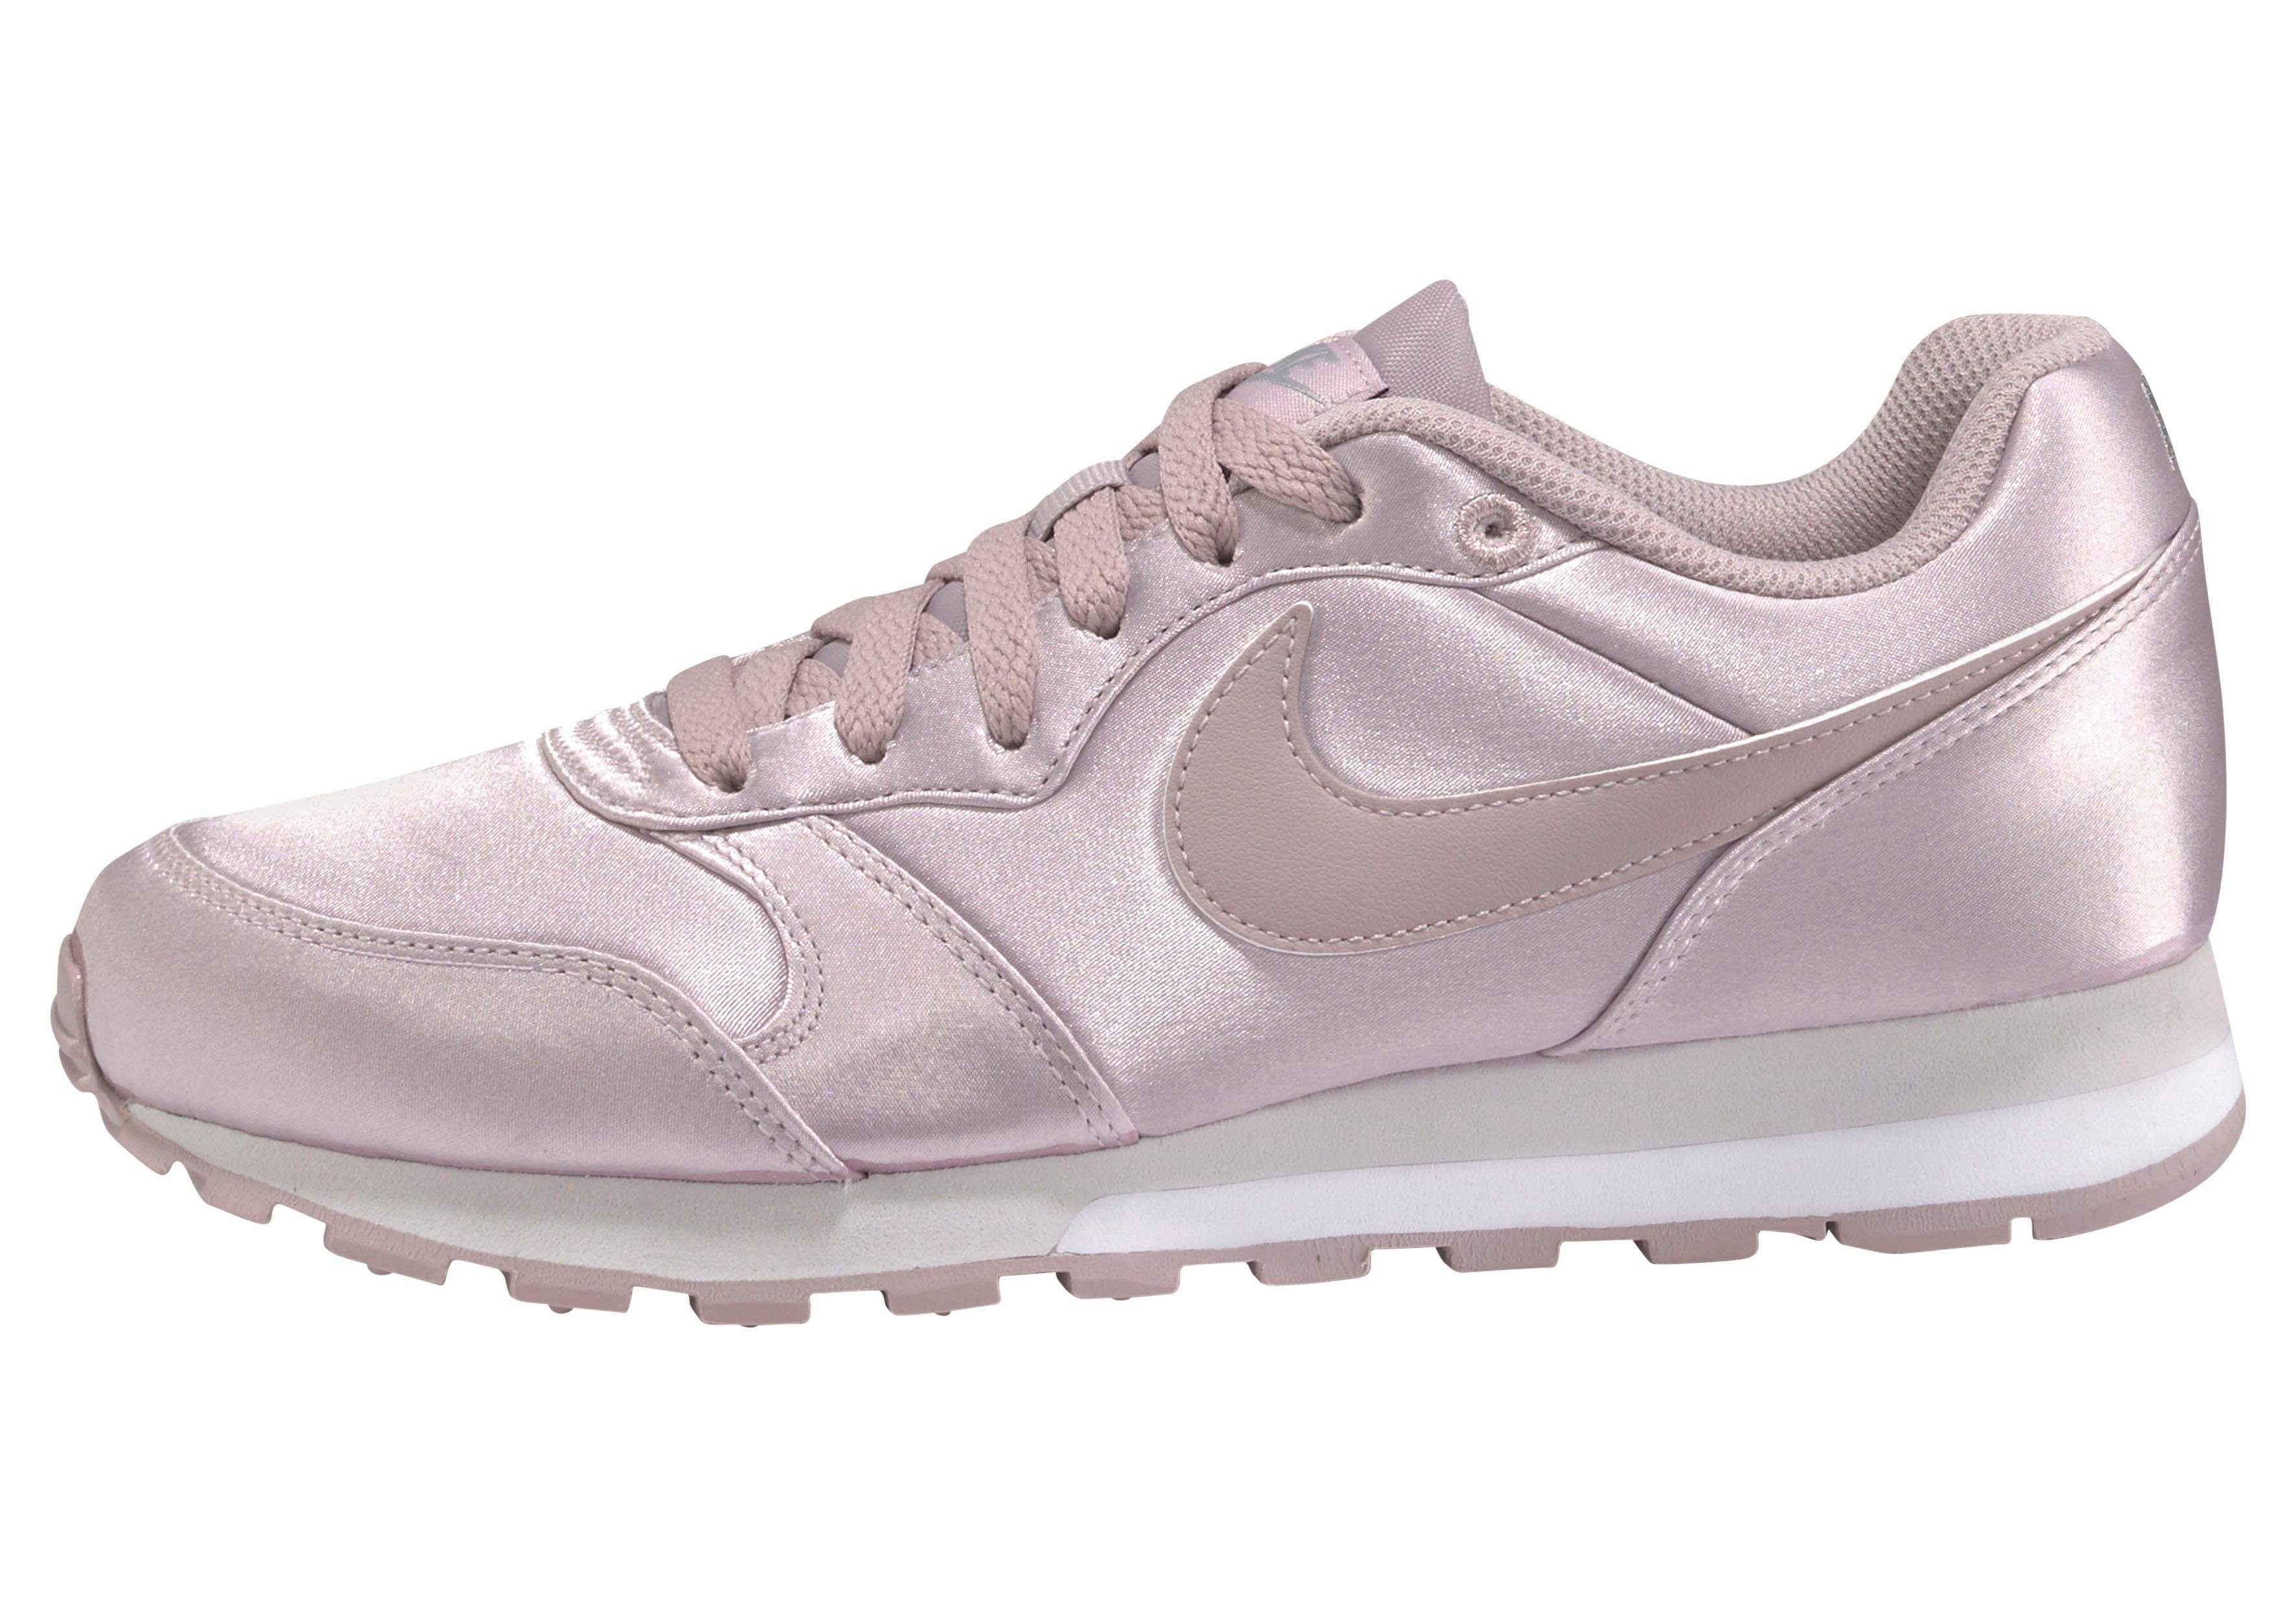 Chaussures De Sport Nike Roze Coureur Md 2 Wmns cK1Pw01V